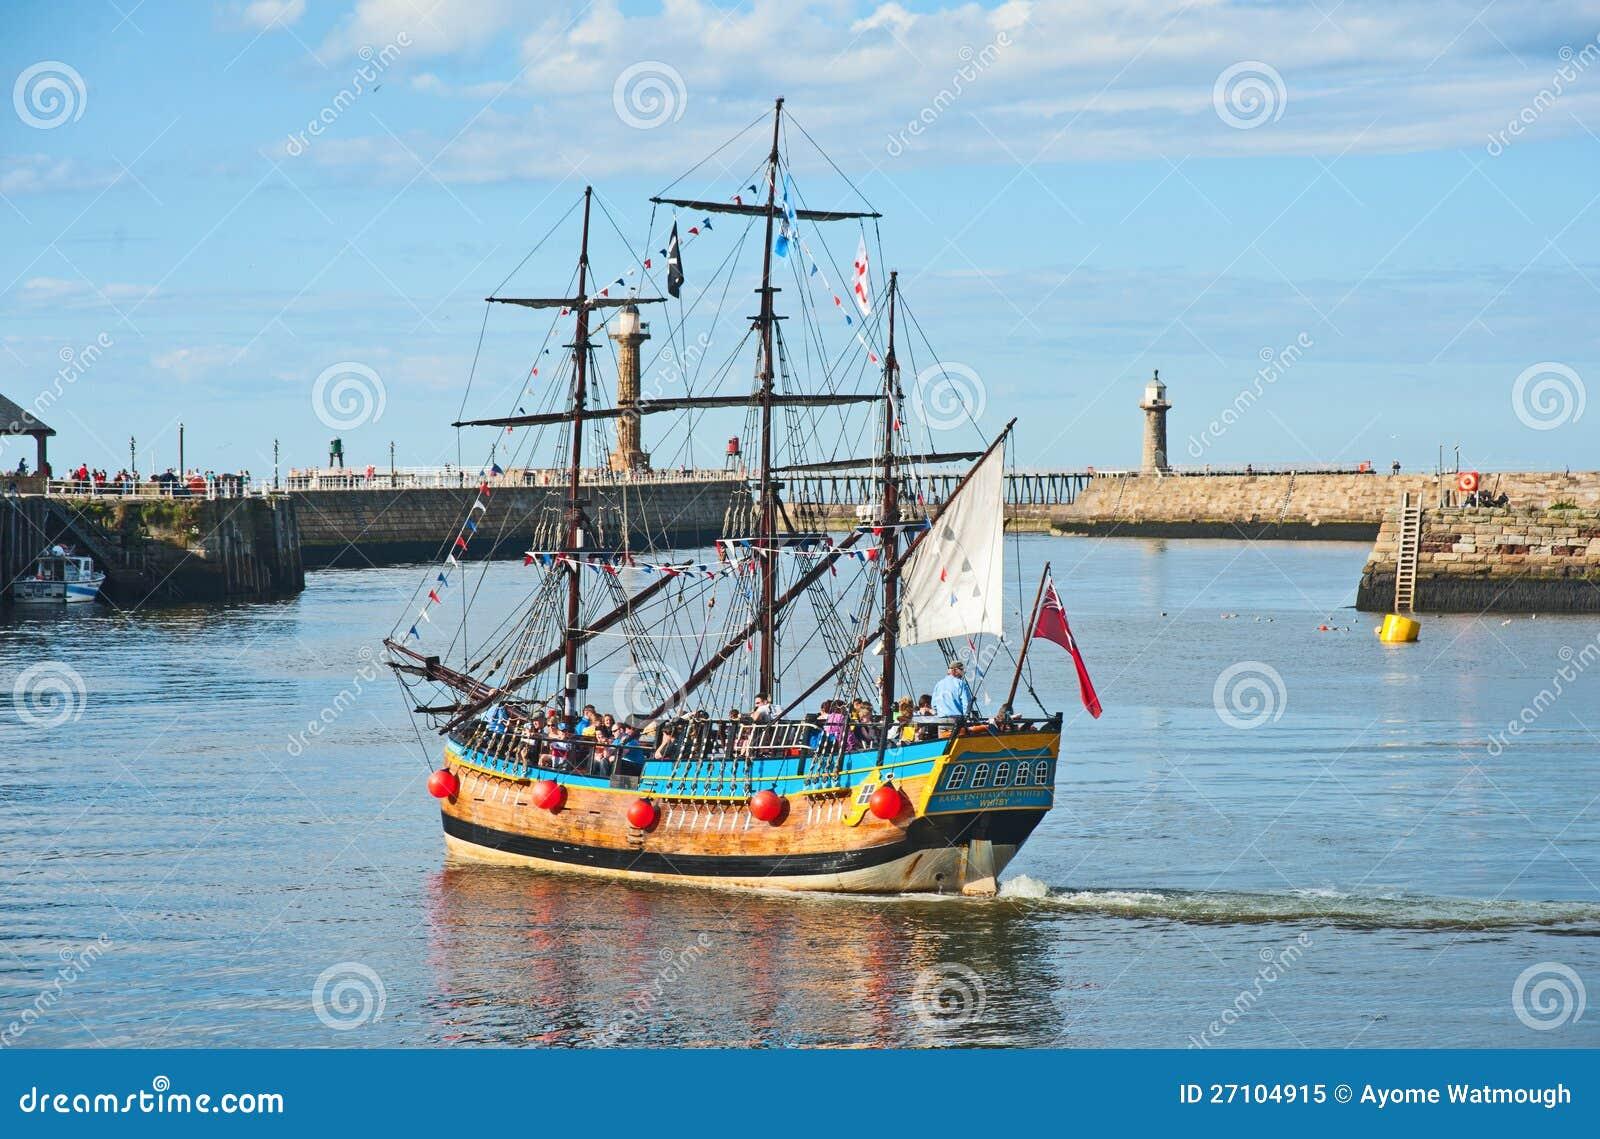 Funtanri pirate bay sex pictures